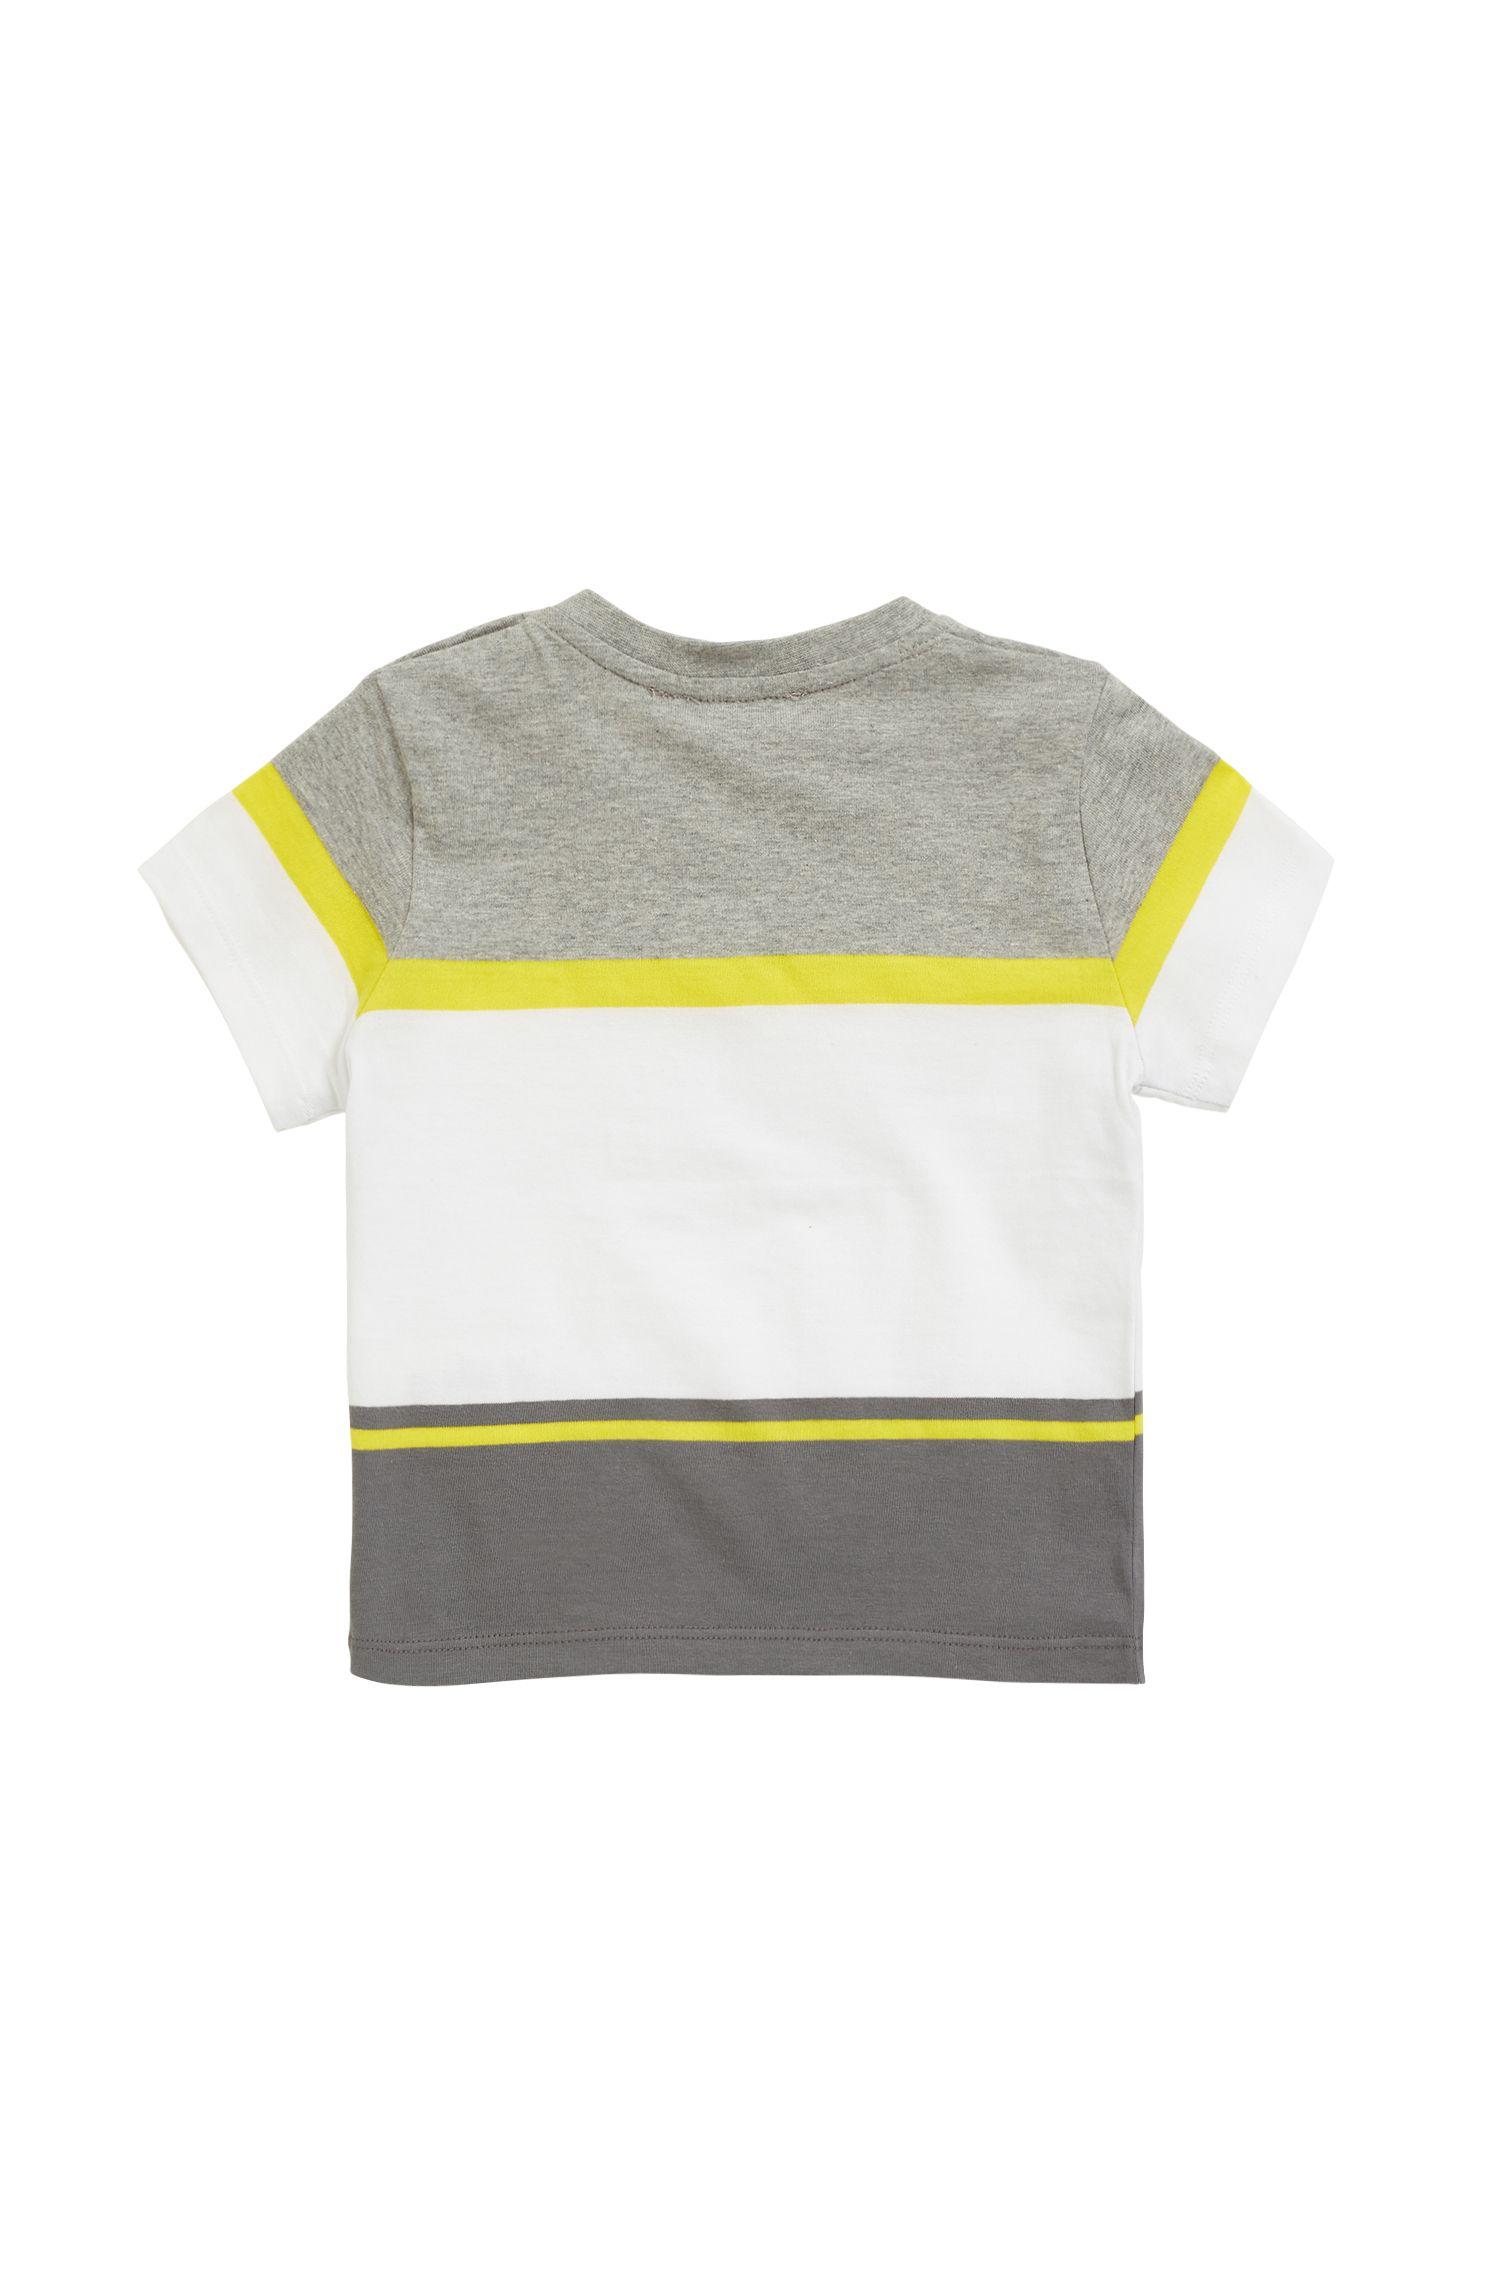 Camiseta para niños en punto de mezcla de algodón con rayas en contraste